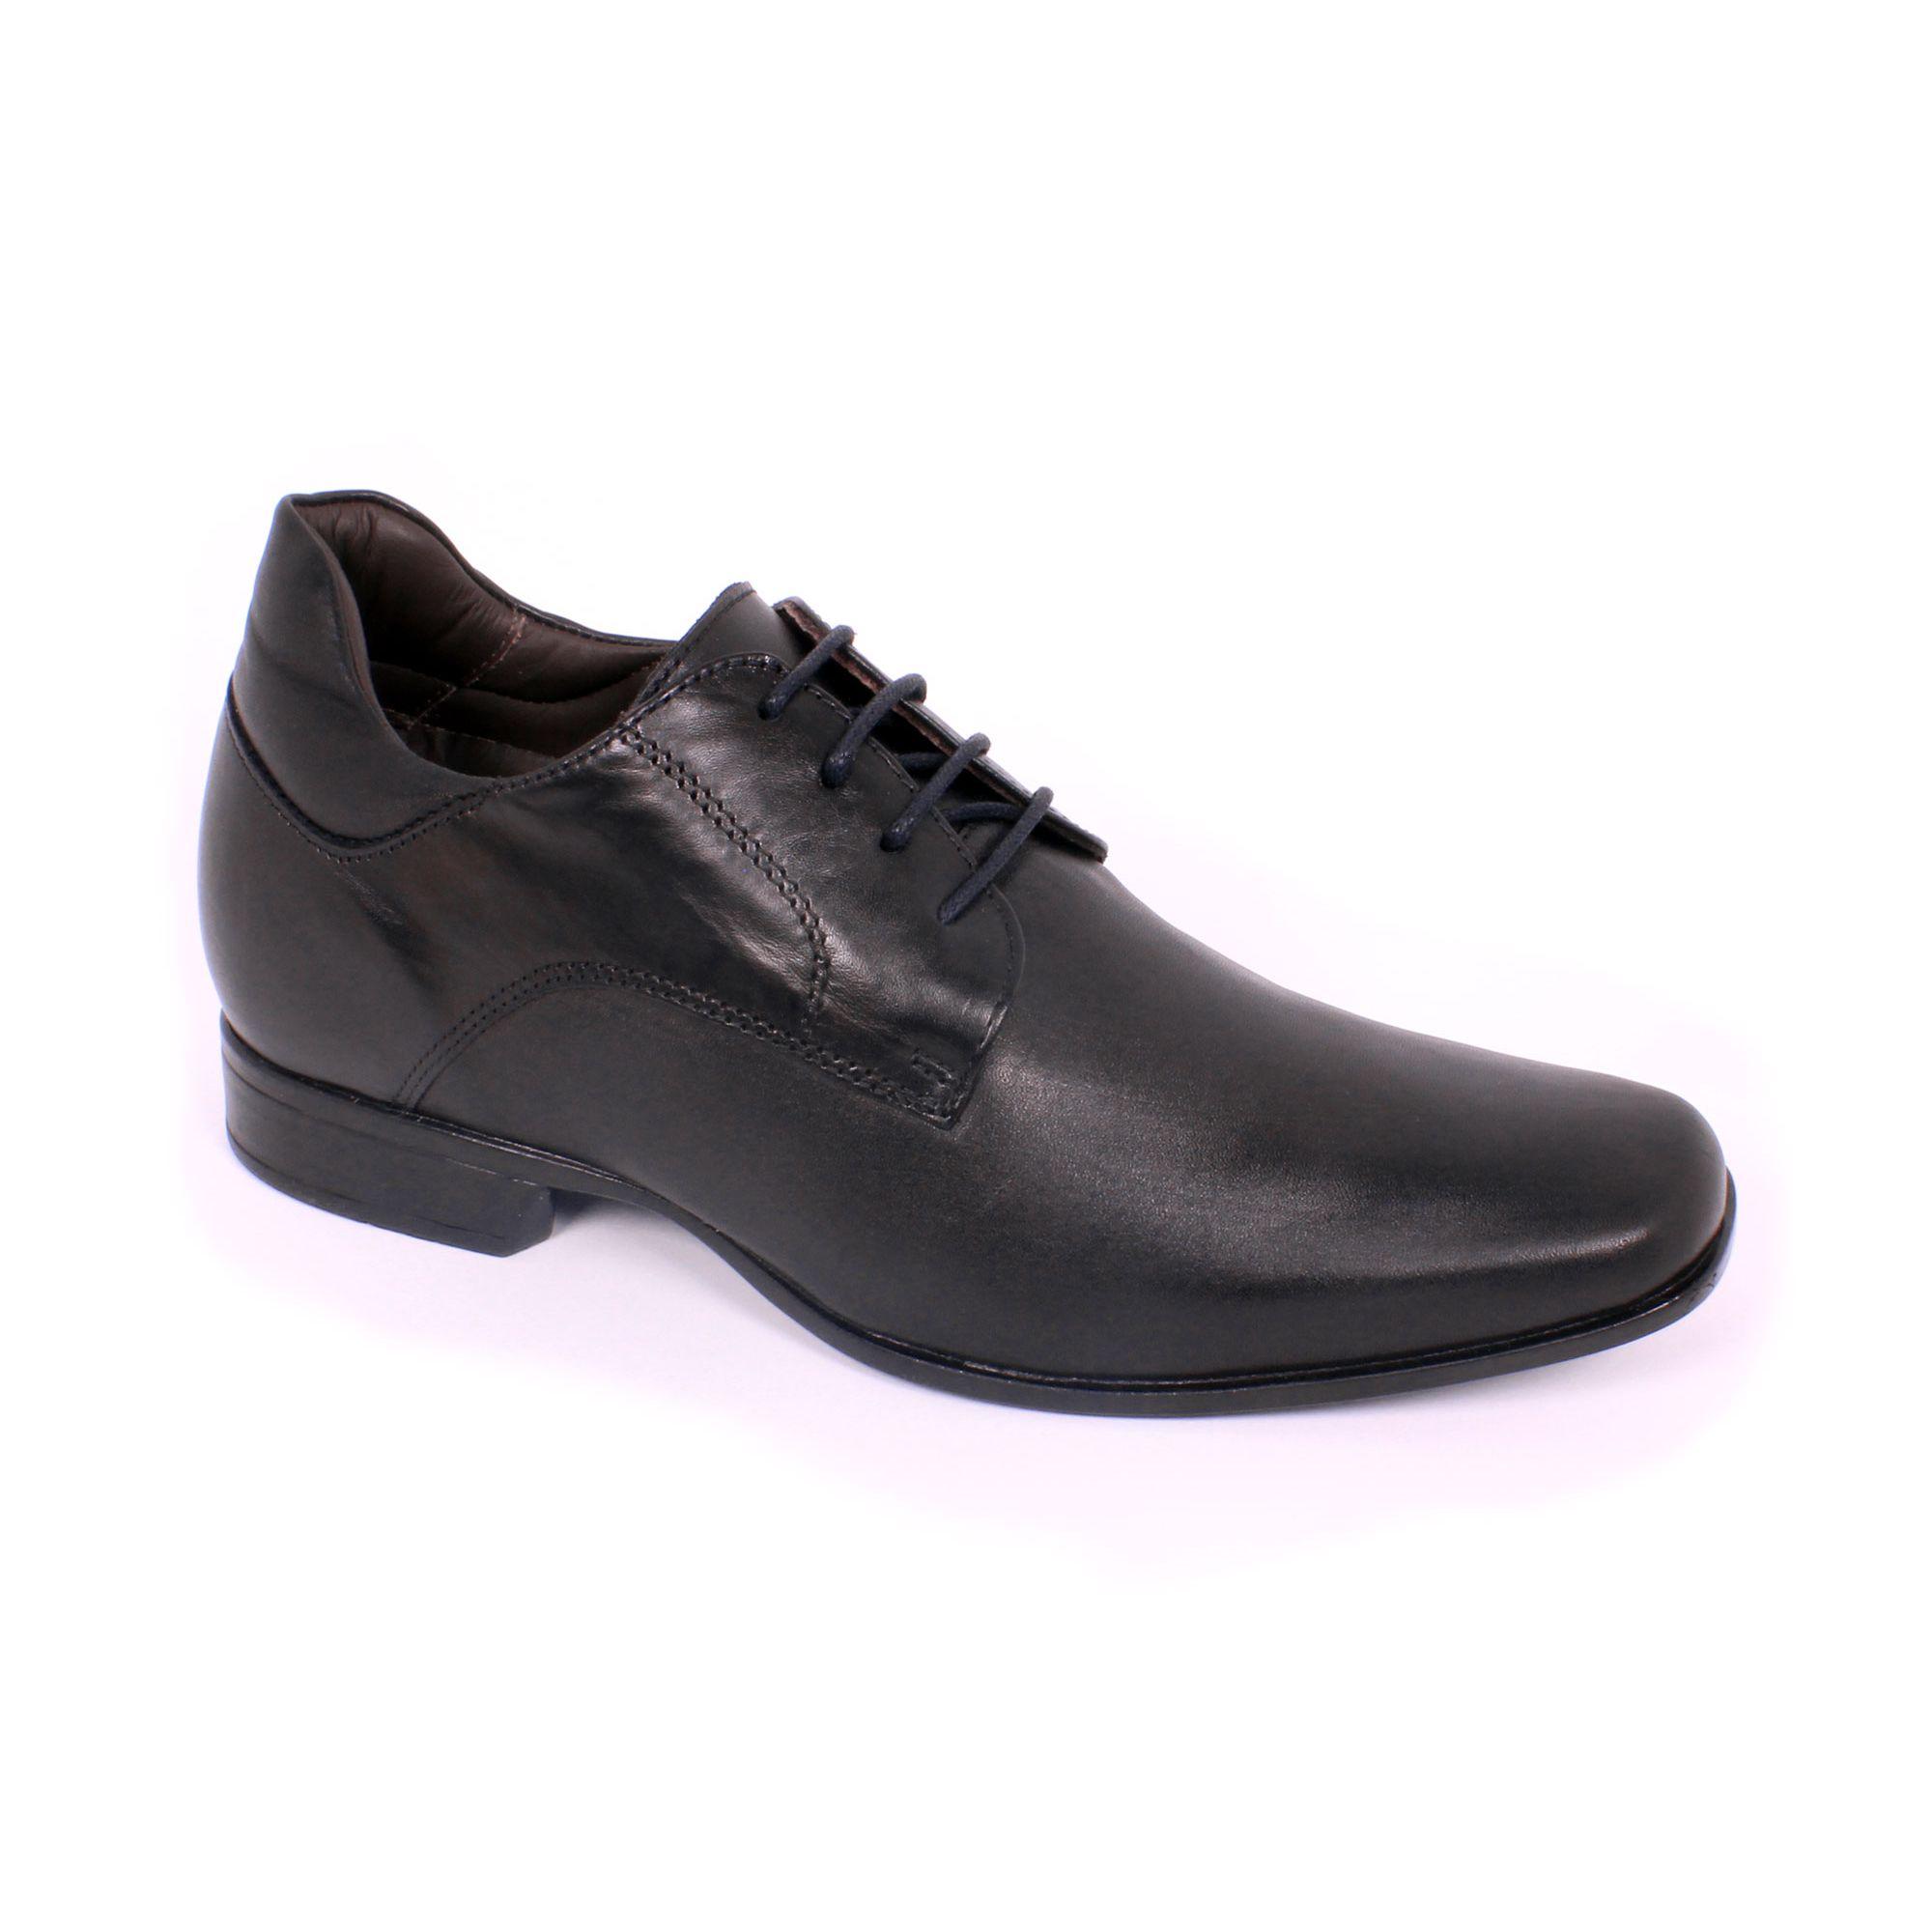 Zapato Formal Fashion Negro Max Denegri +7cms de Altura_70820